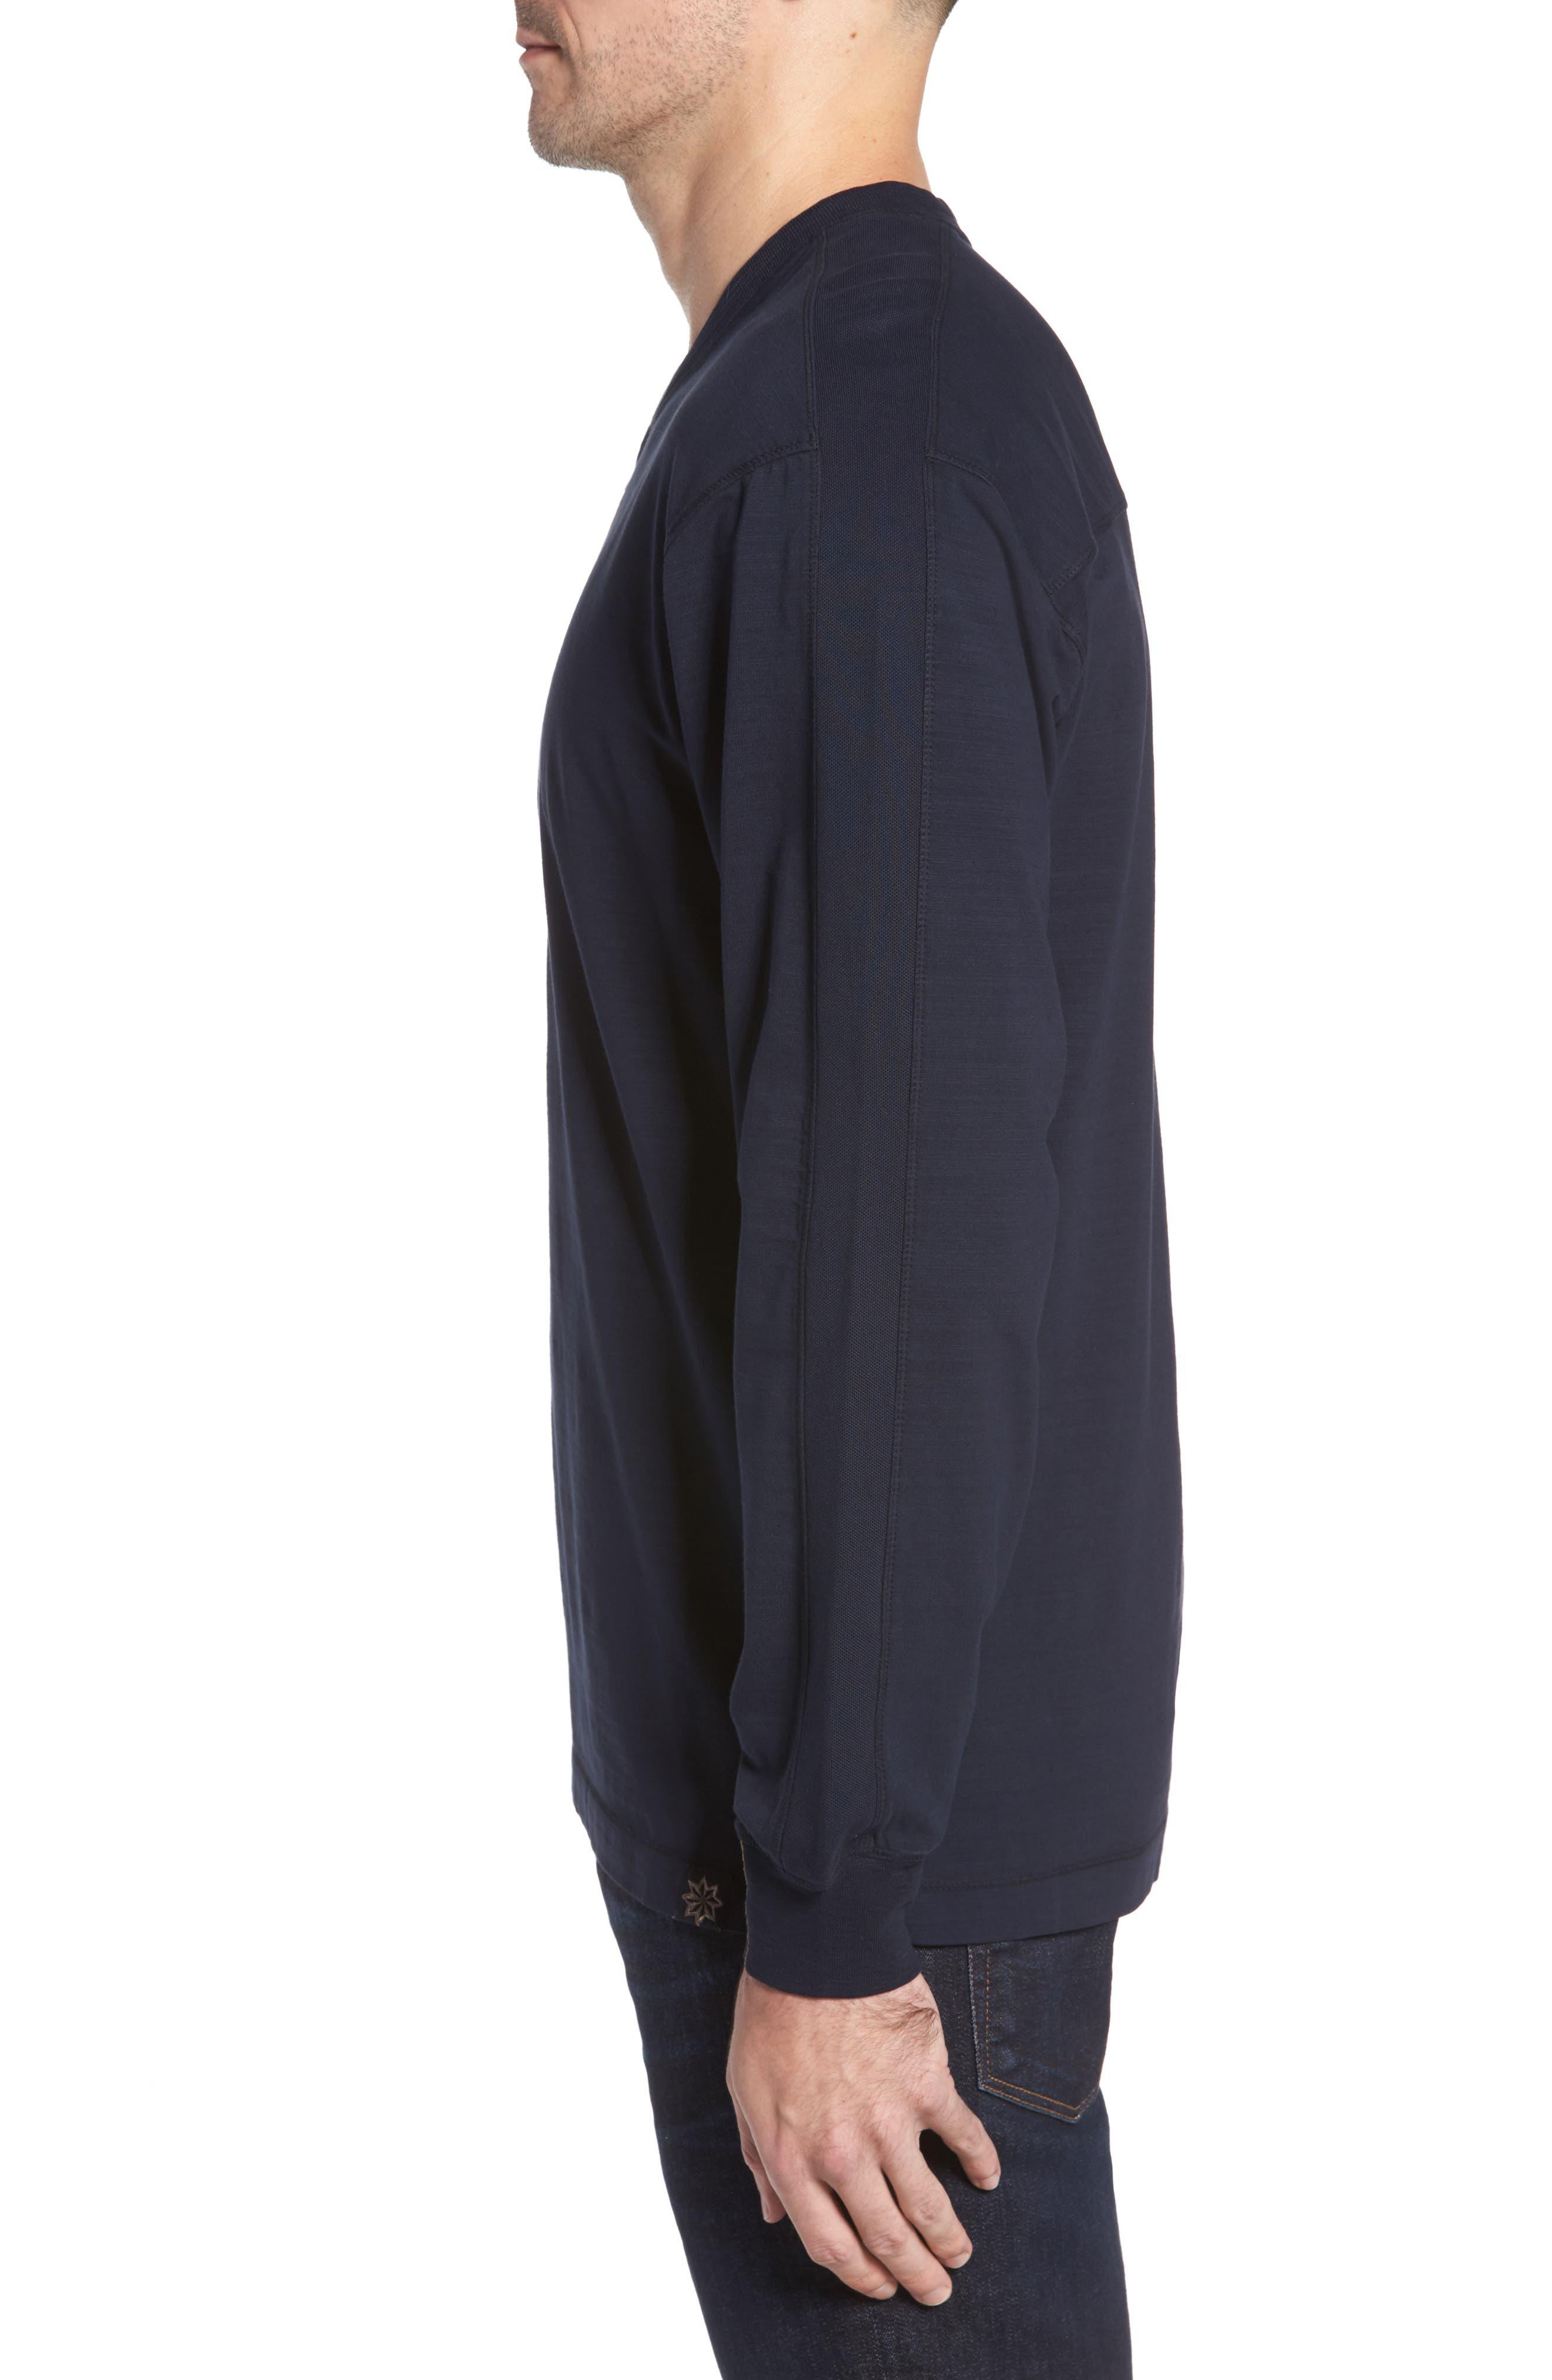 Vinn Slubbed Long Sleeve V-Neck T-Shirt,                             Alternate thumbnail 3, color,                             Ink